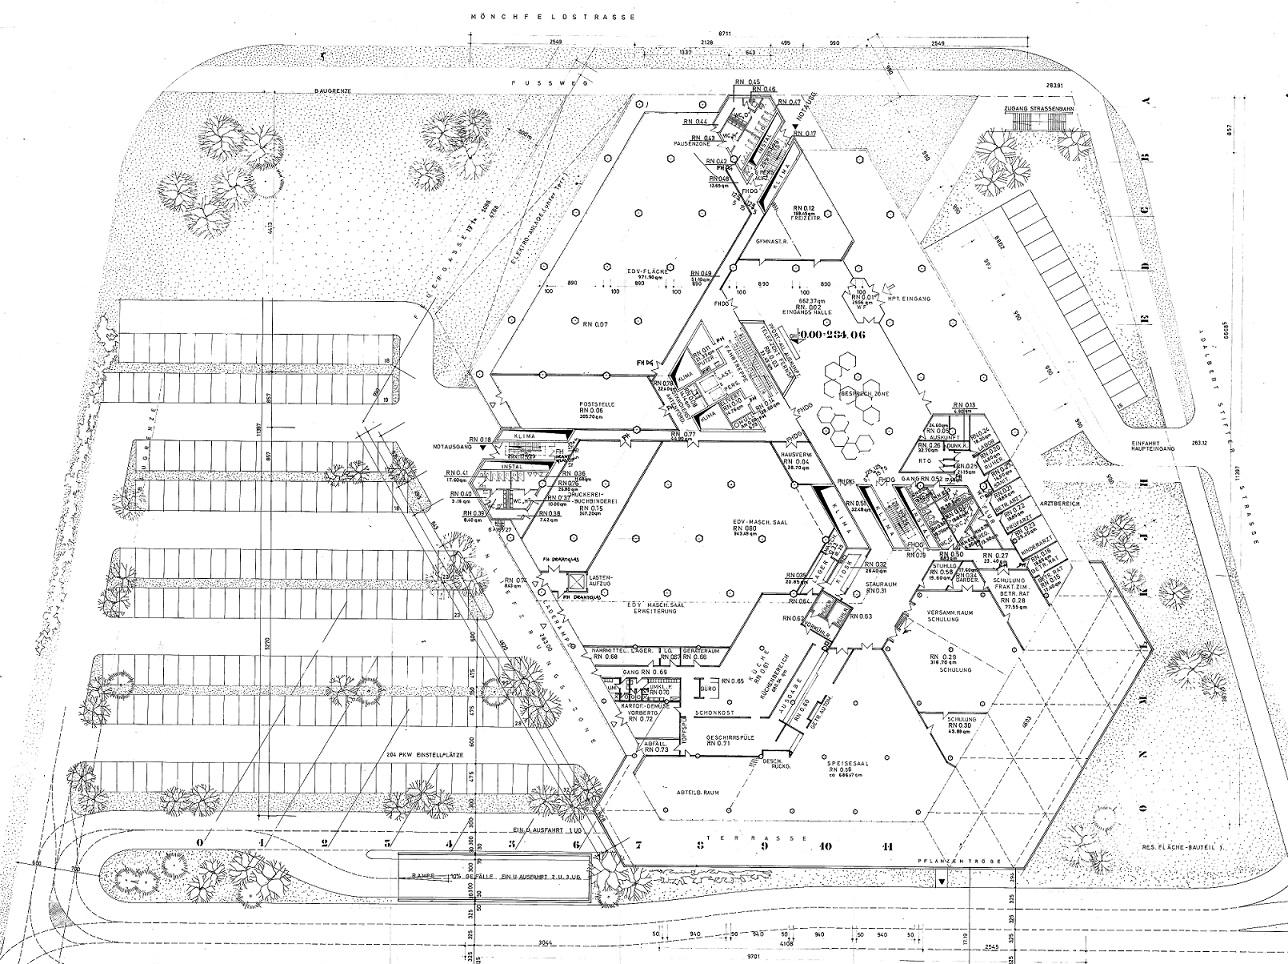 Grundriss des geplanten Neubaus von 1970 (Bild: Deutsche Rentenversicherung Baden-Württemberg)